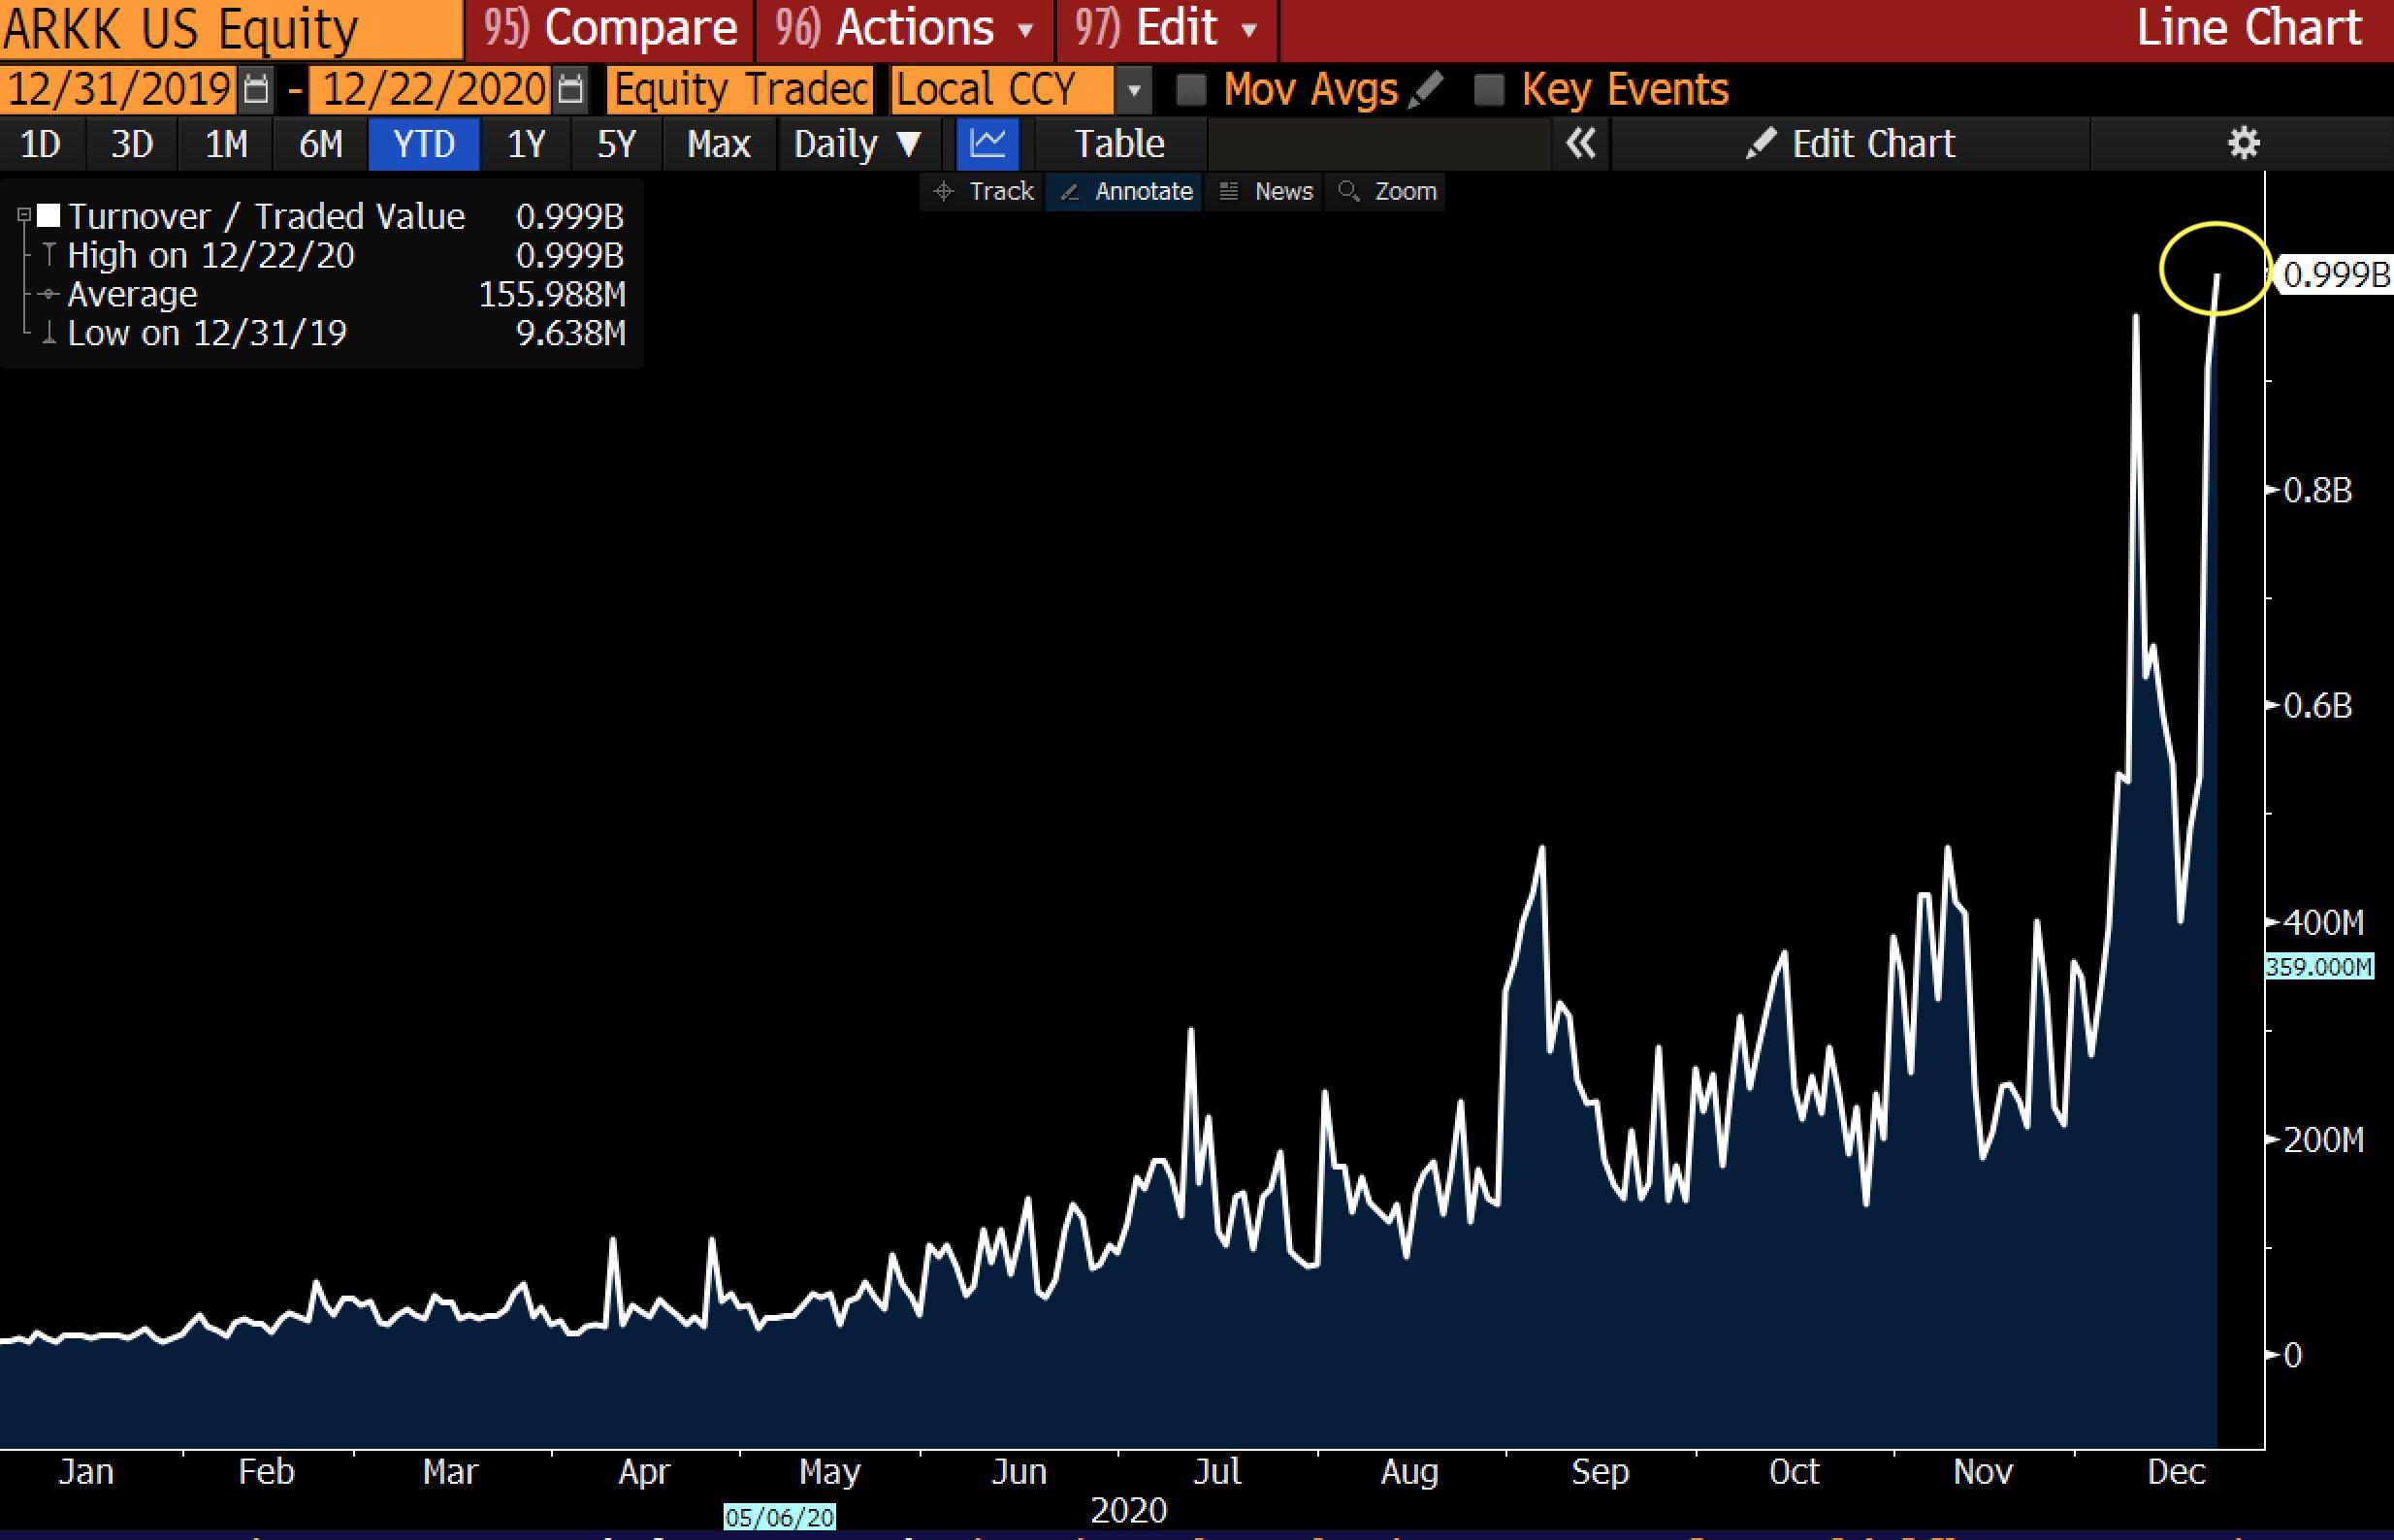 ark etf trading volume